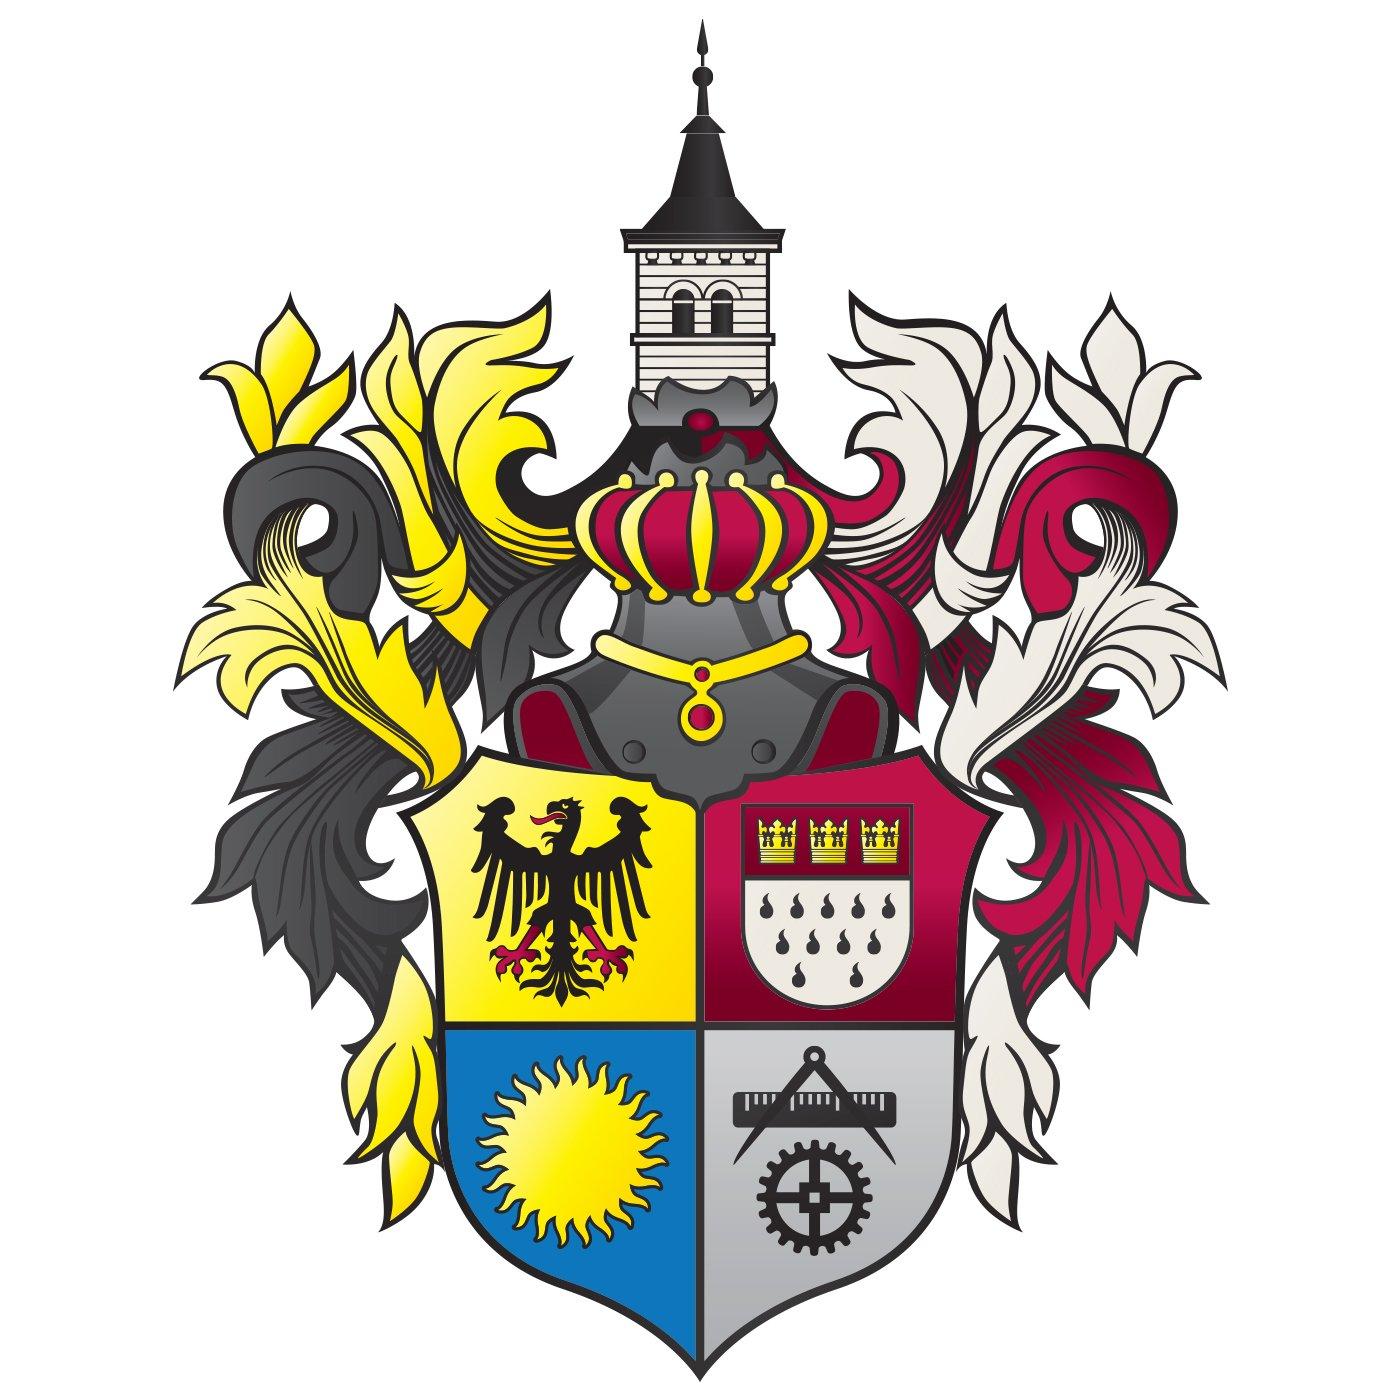 Wappen Erstellen Erstellung Design Wappengestaltung